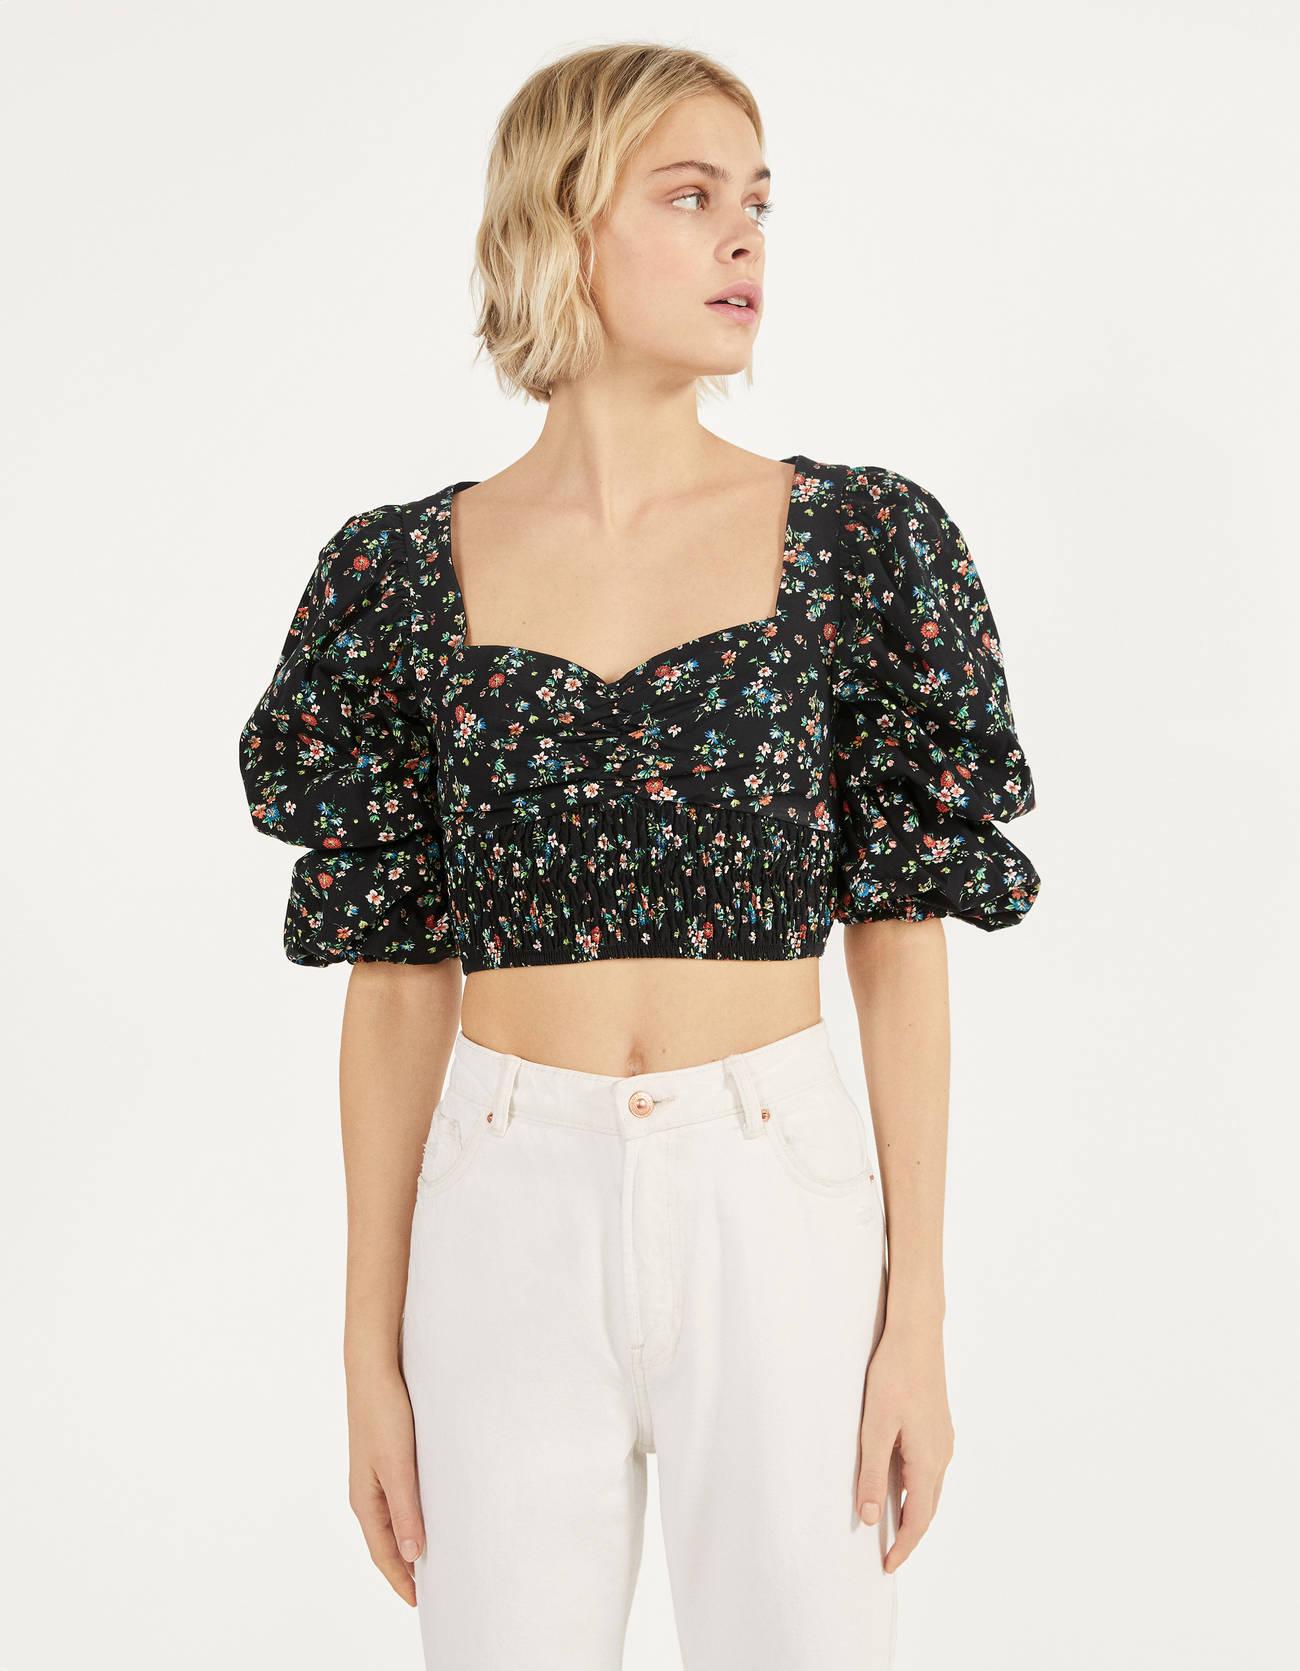 Floral print blouse